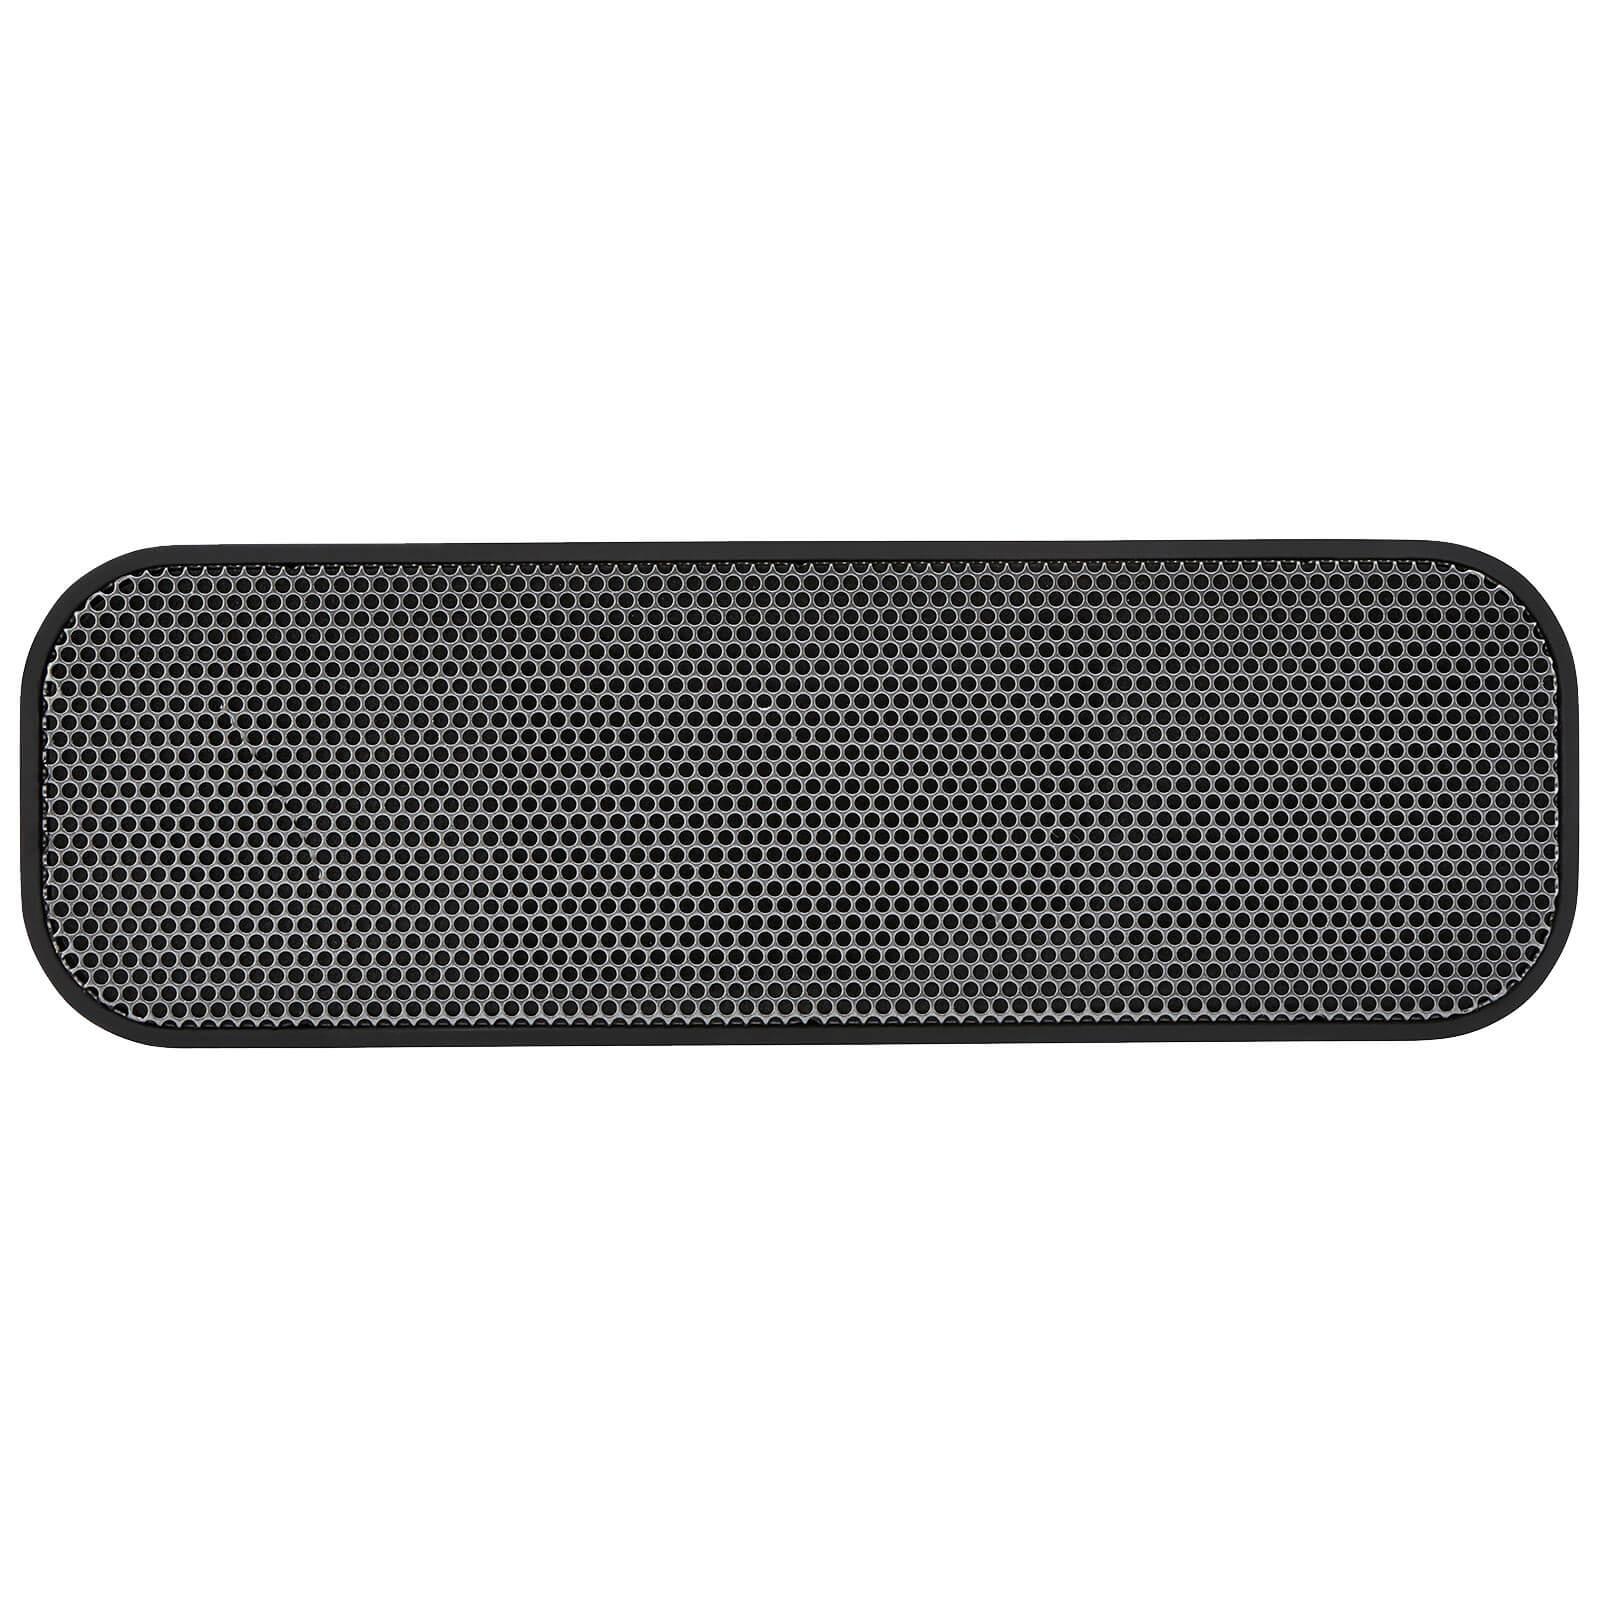 Kreafunk aGROOVE Bluetooth Speaker - Black Edition